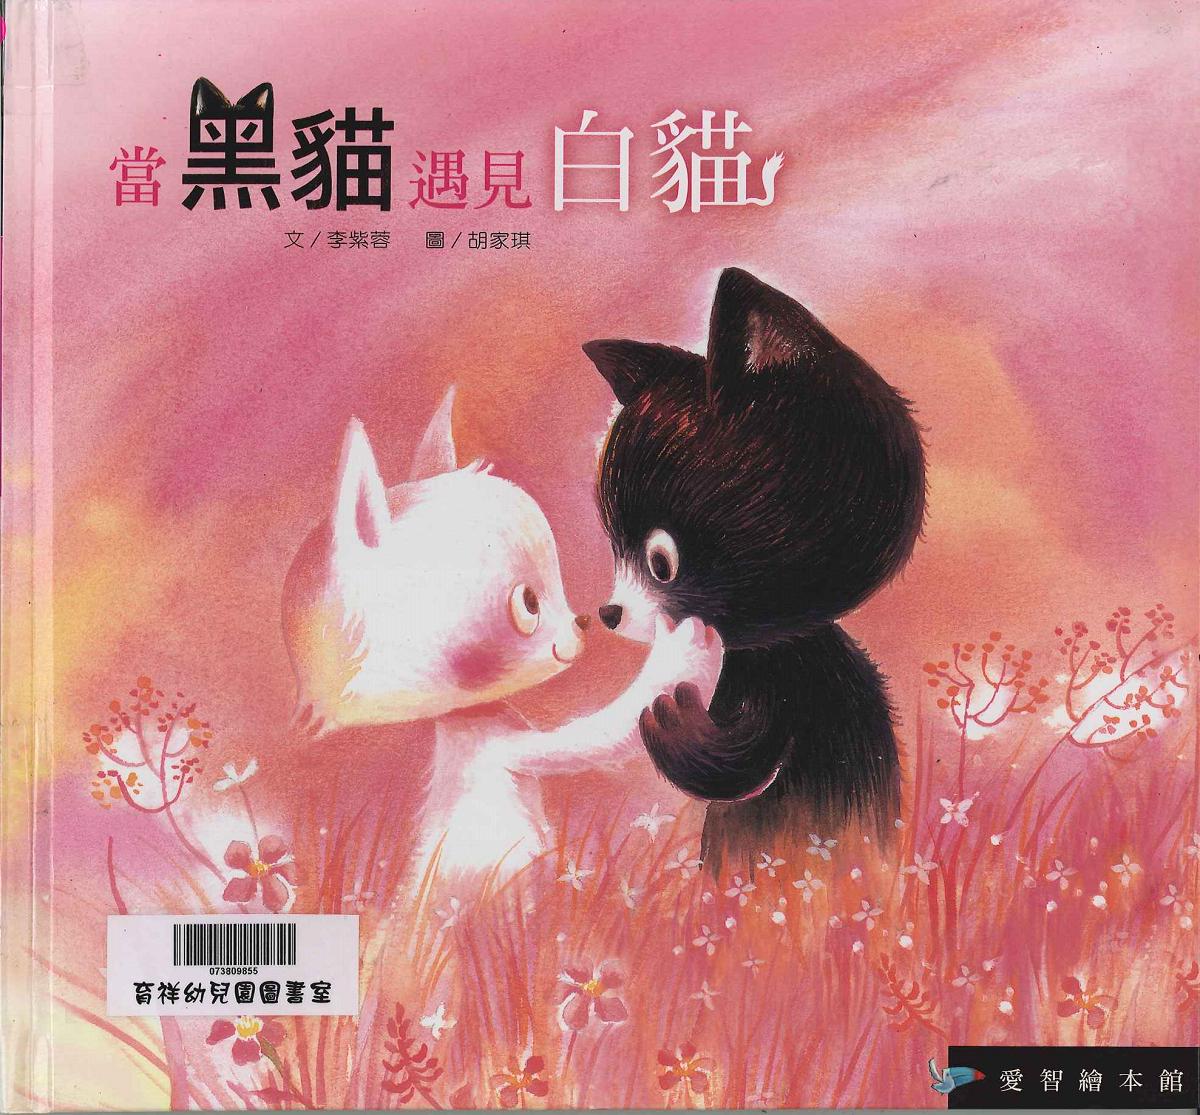 當黑貓遇見白貓